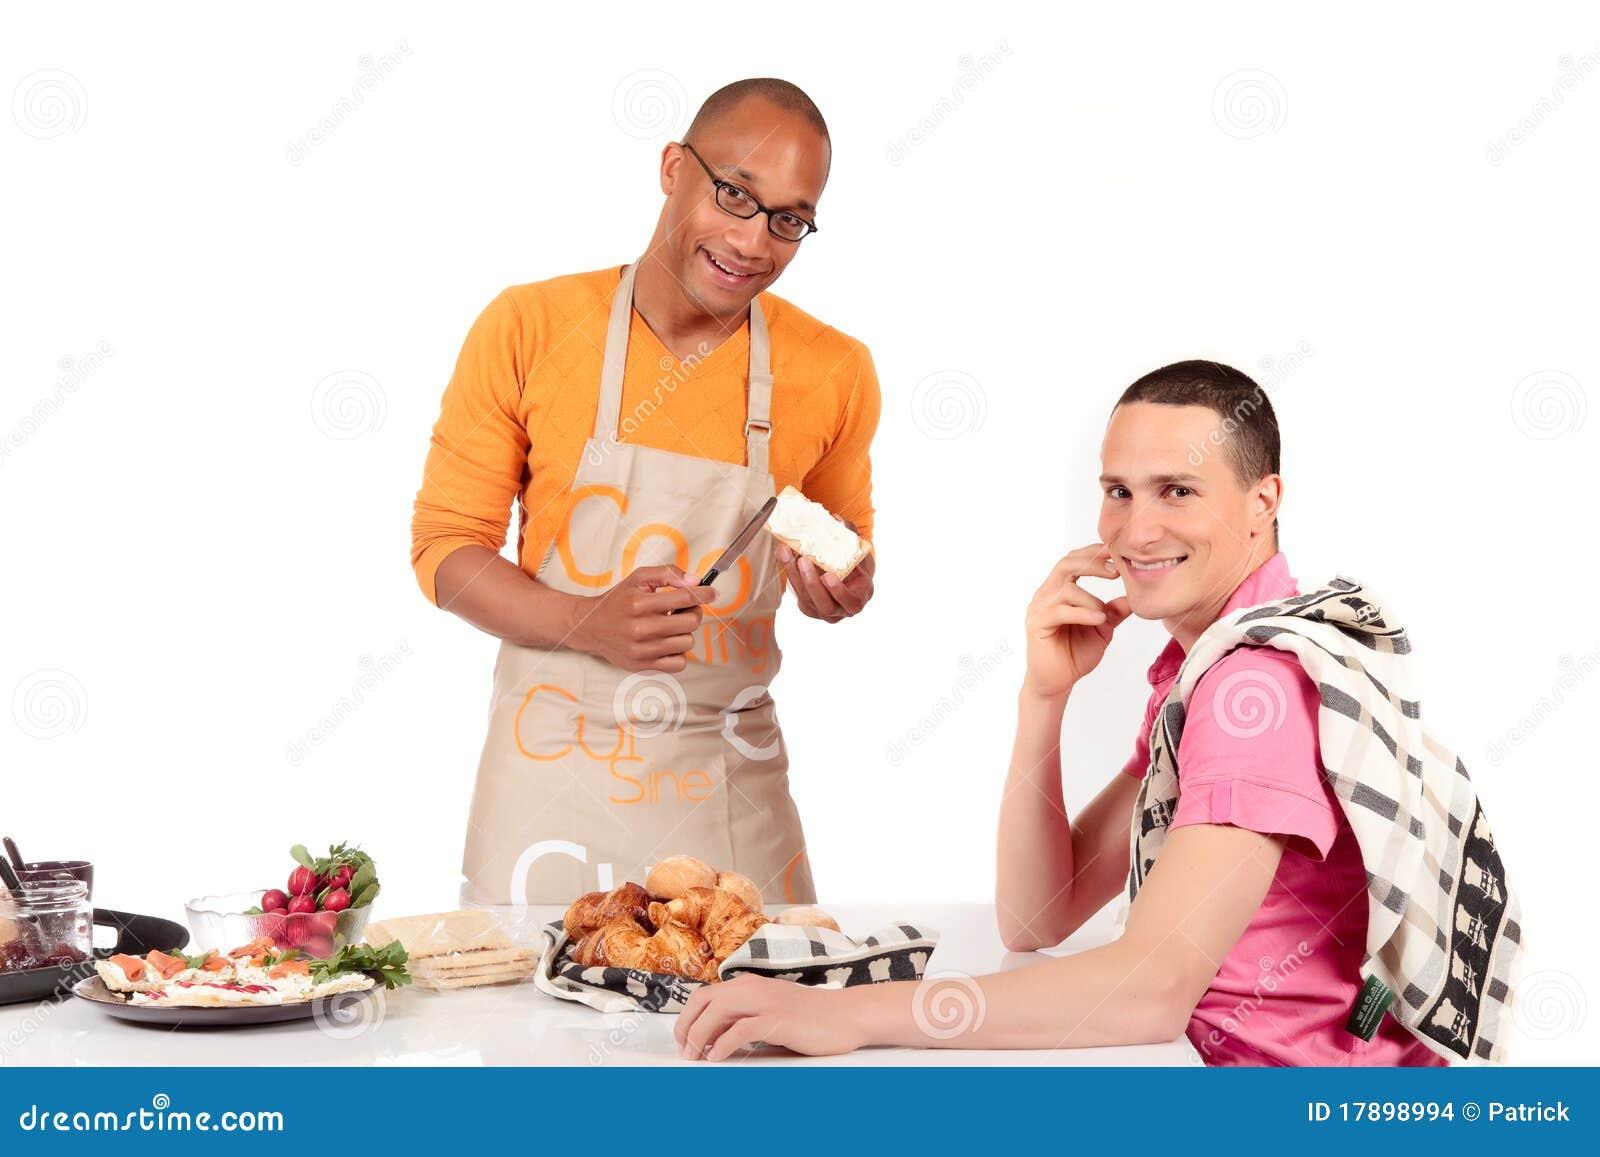 Cozinha alegre dos pares da afiliação étnica misturada